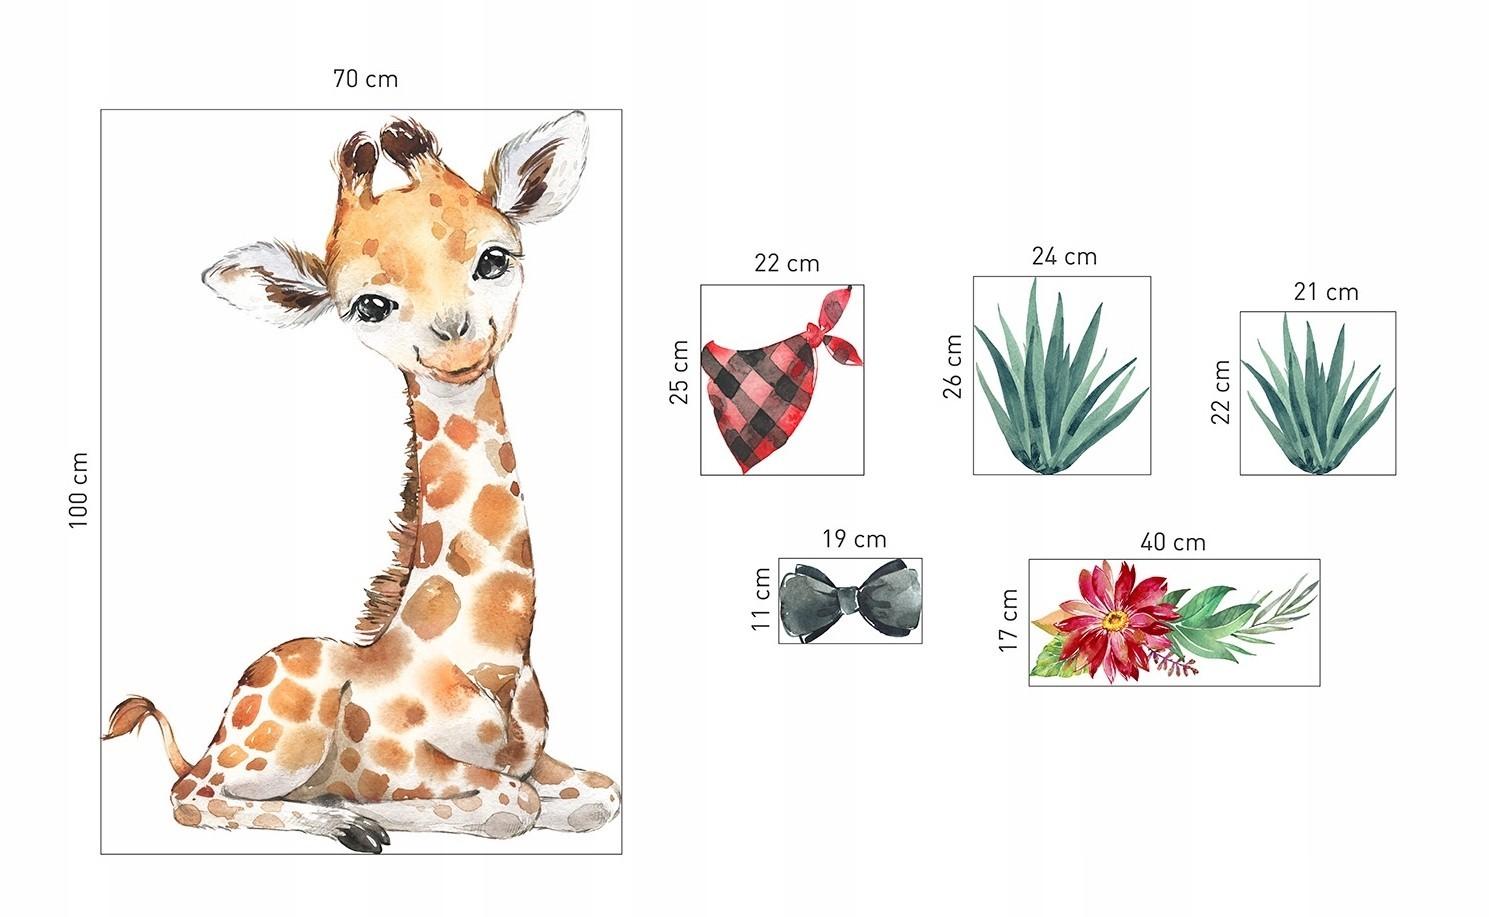 Dekorační nálepka na zeď roztomilá žirafa 100 x 70 cm